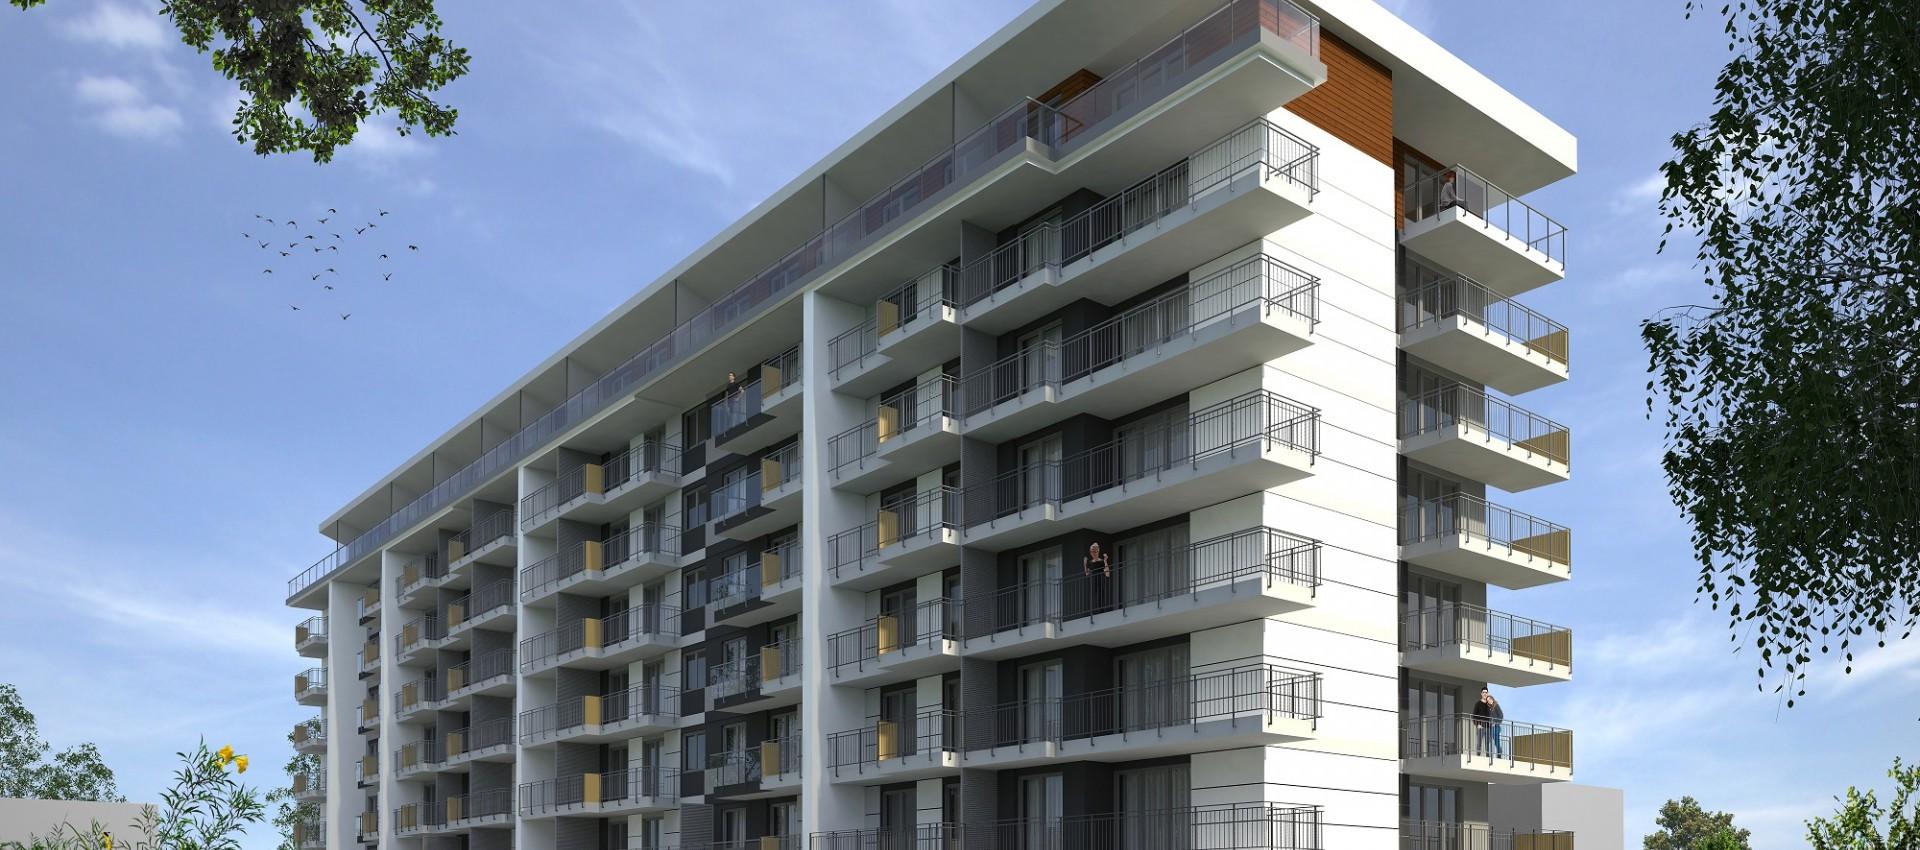 Szukasz mieszkań inwestycyjnych?